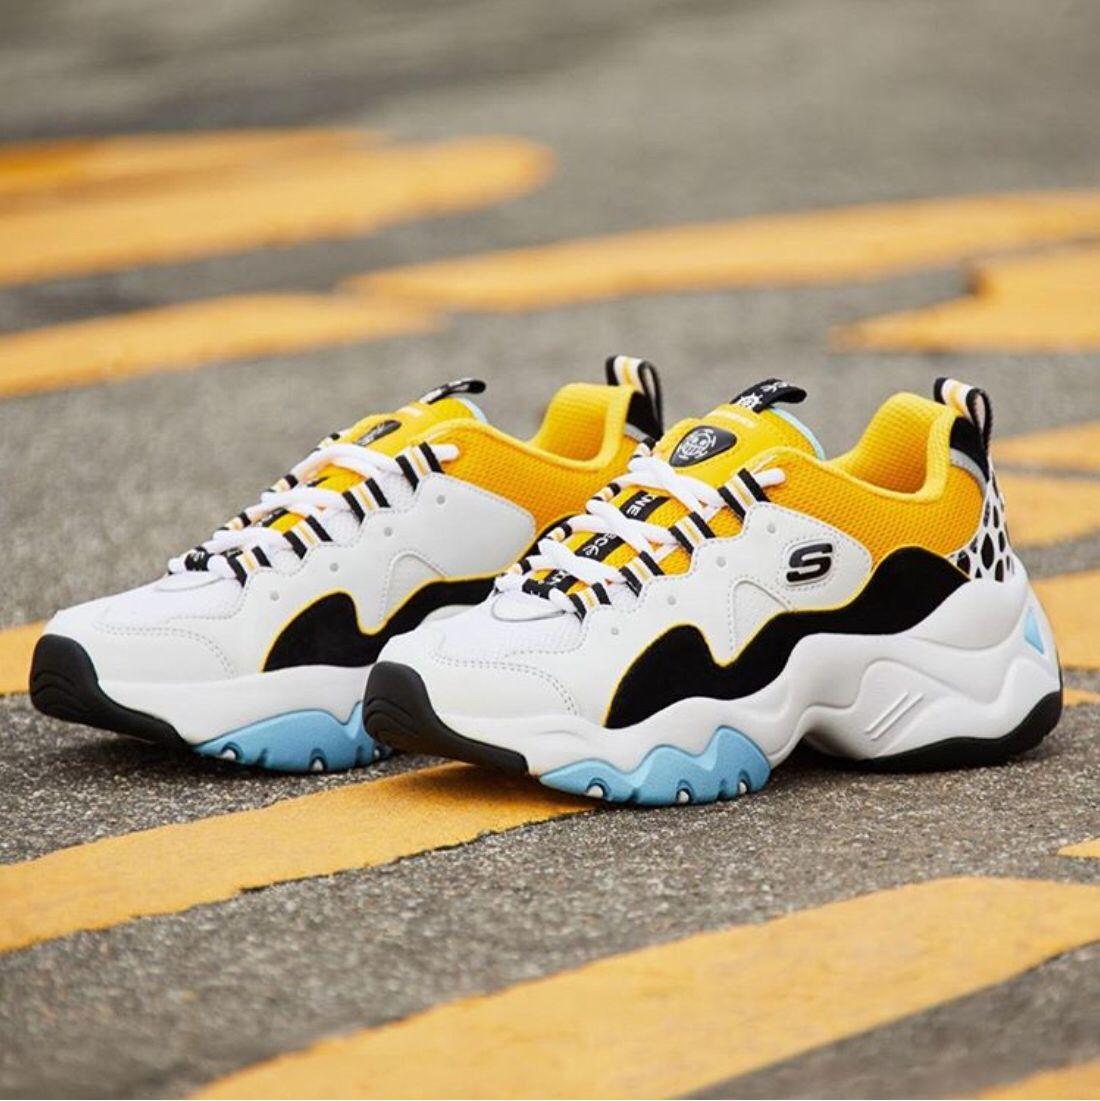 Skechers Shoes Men Platform Casual Shoes D'lite Comfortable